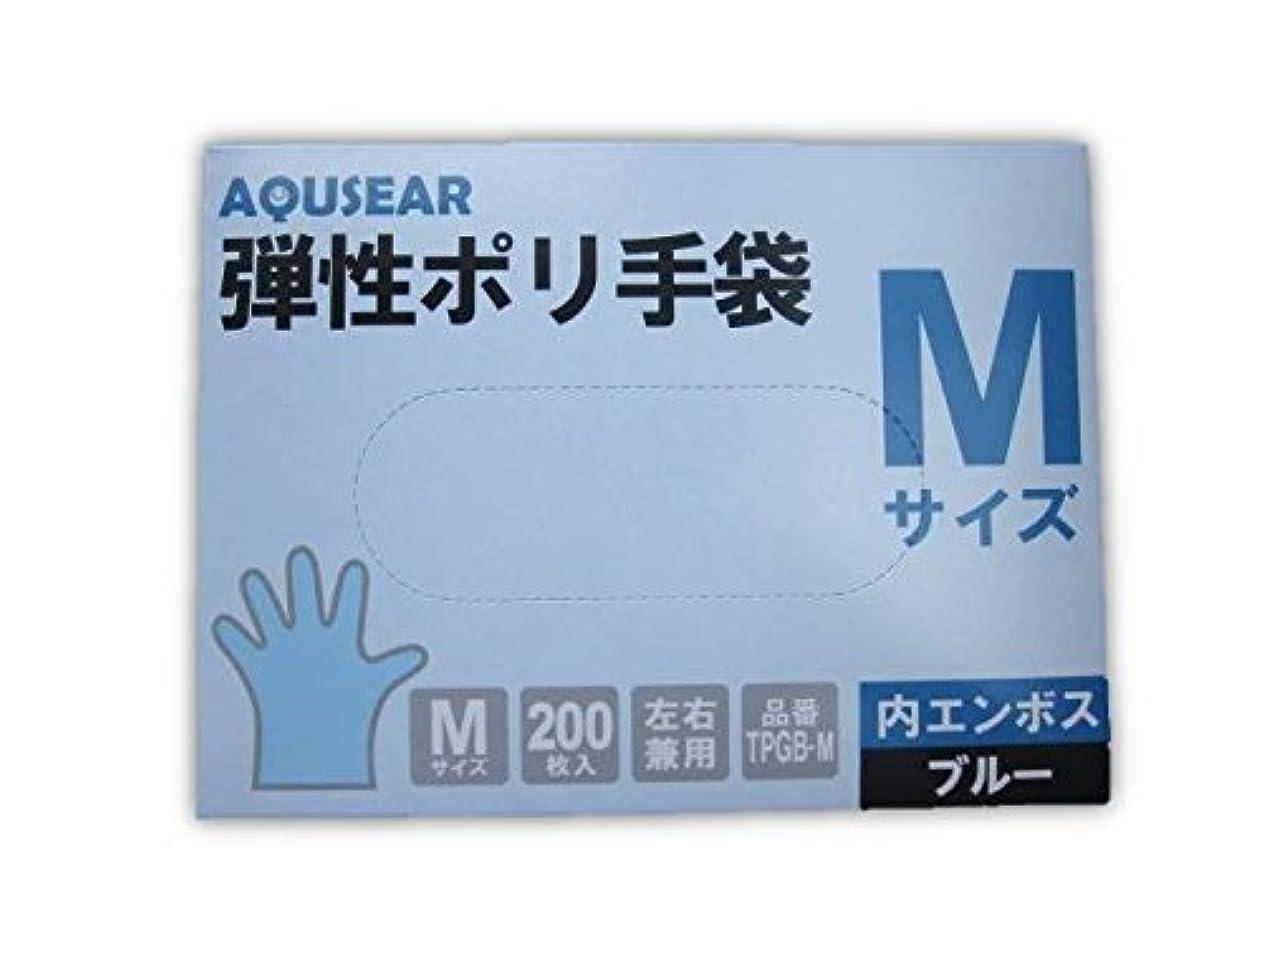 鳴り響くアルバニー野生AQUSEAR 弾性ポリ手袋 内エンボス ブルー Mサイズ TPGB-M 1ケース4,000枚(200枚×20箱)